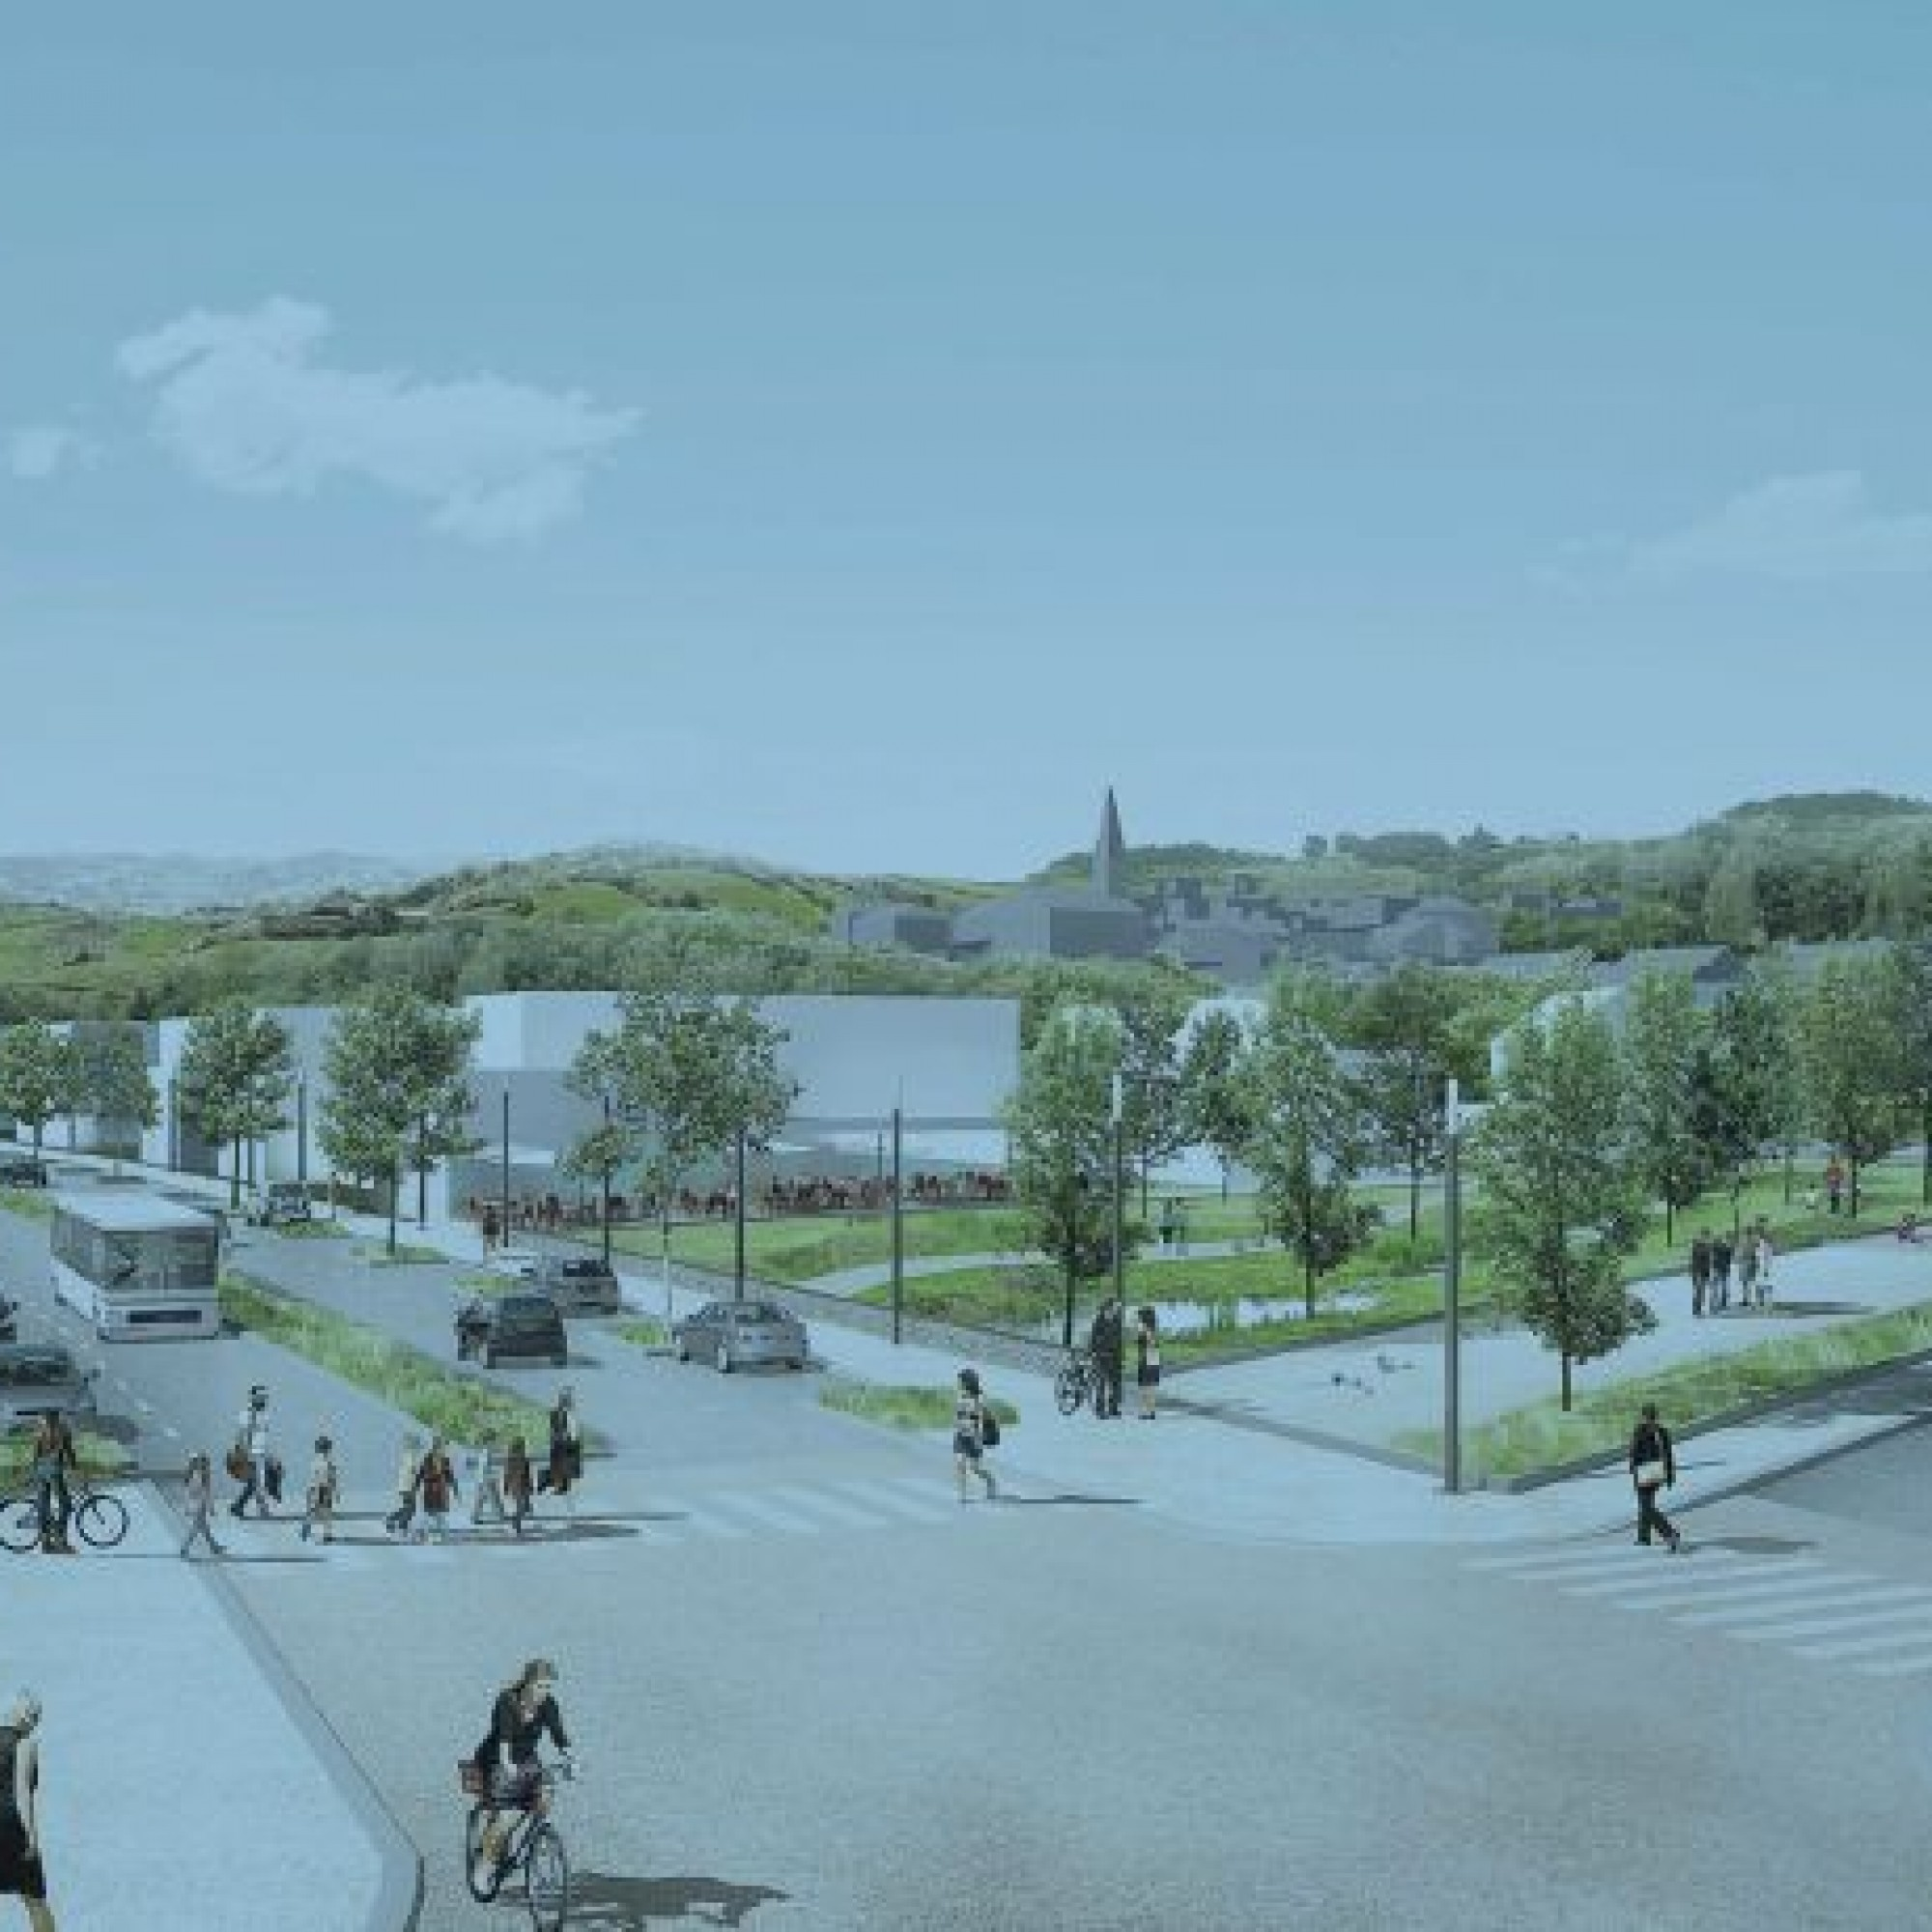 La commune de Blonay veut profiter futur développement de sa zone sud pour aménager un vrai parc urbain.